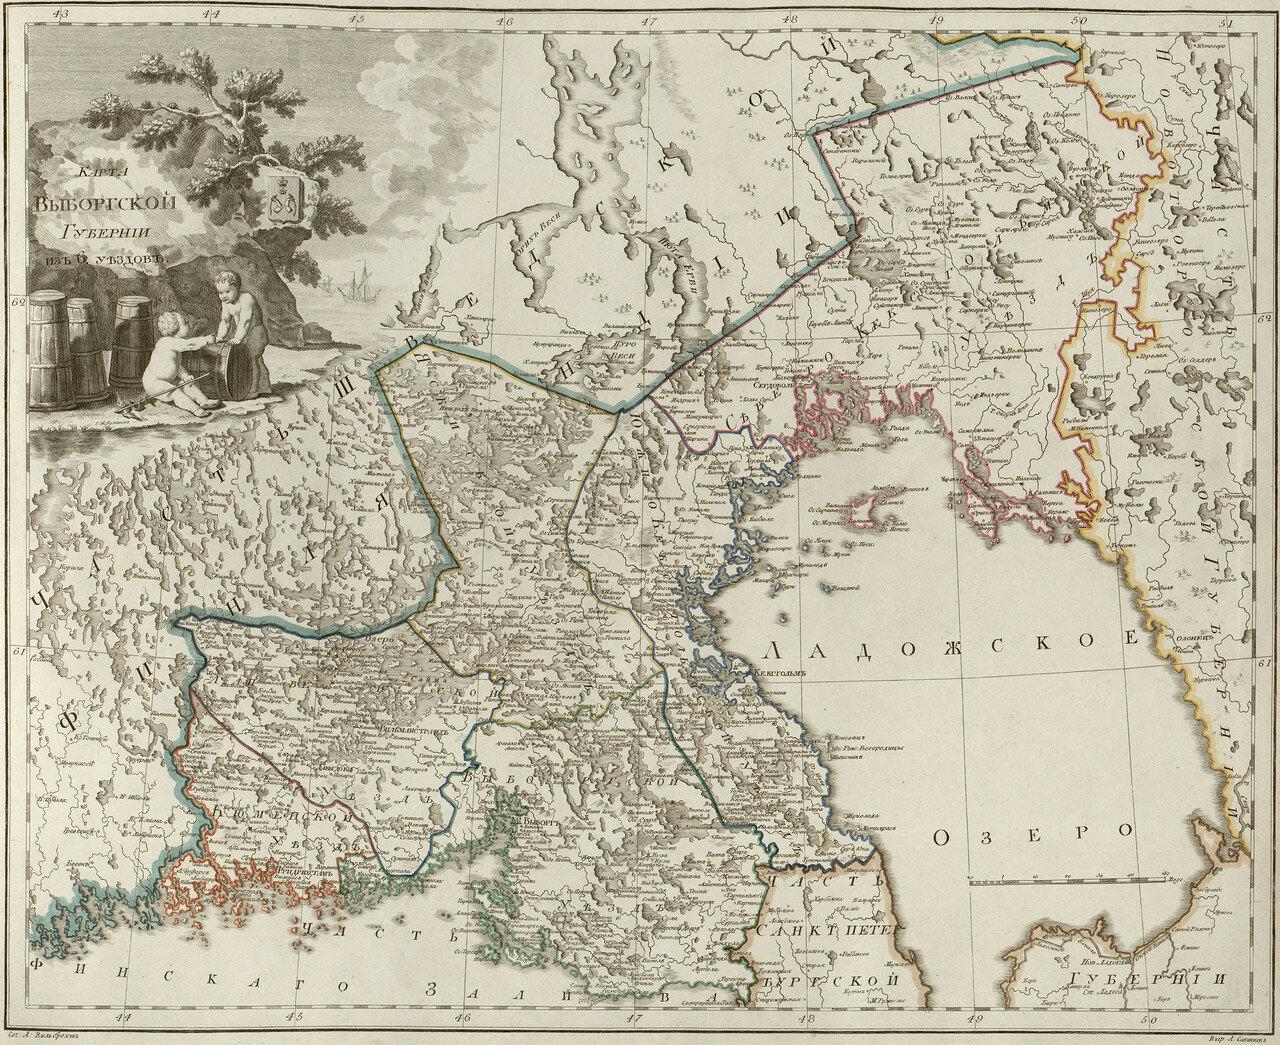 02. Карта Выборгской губернии